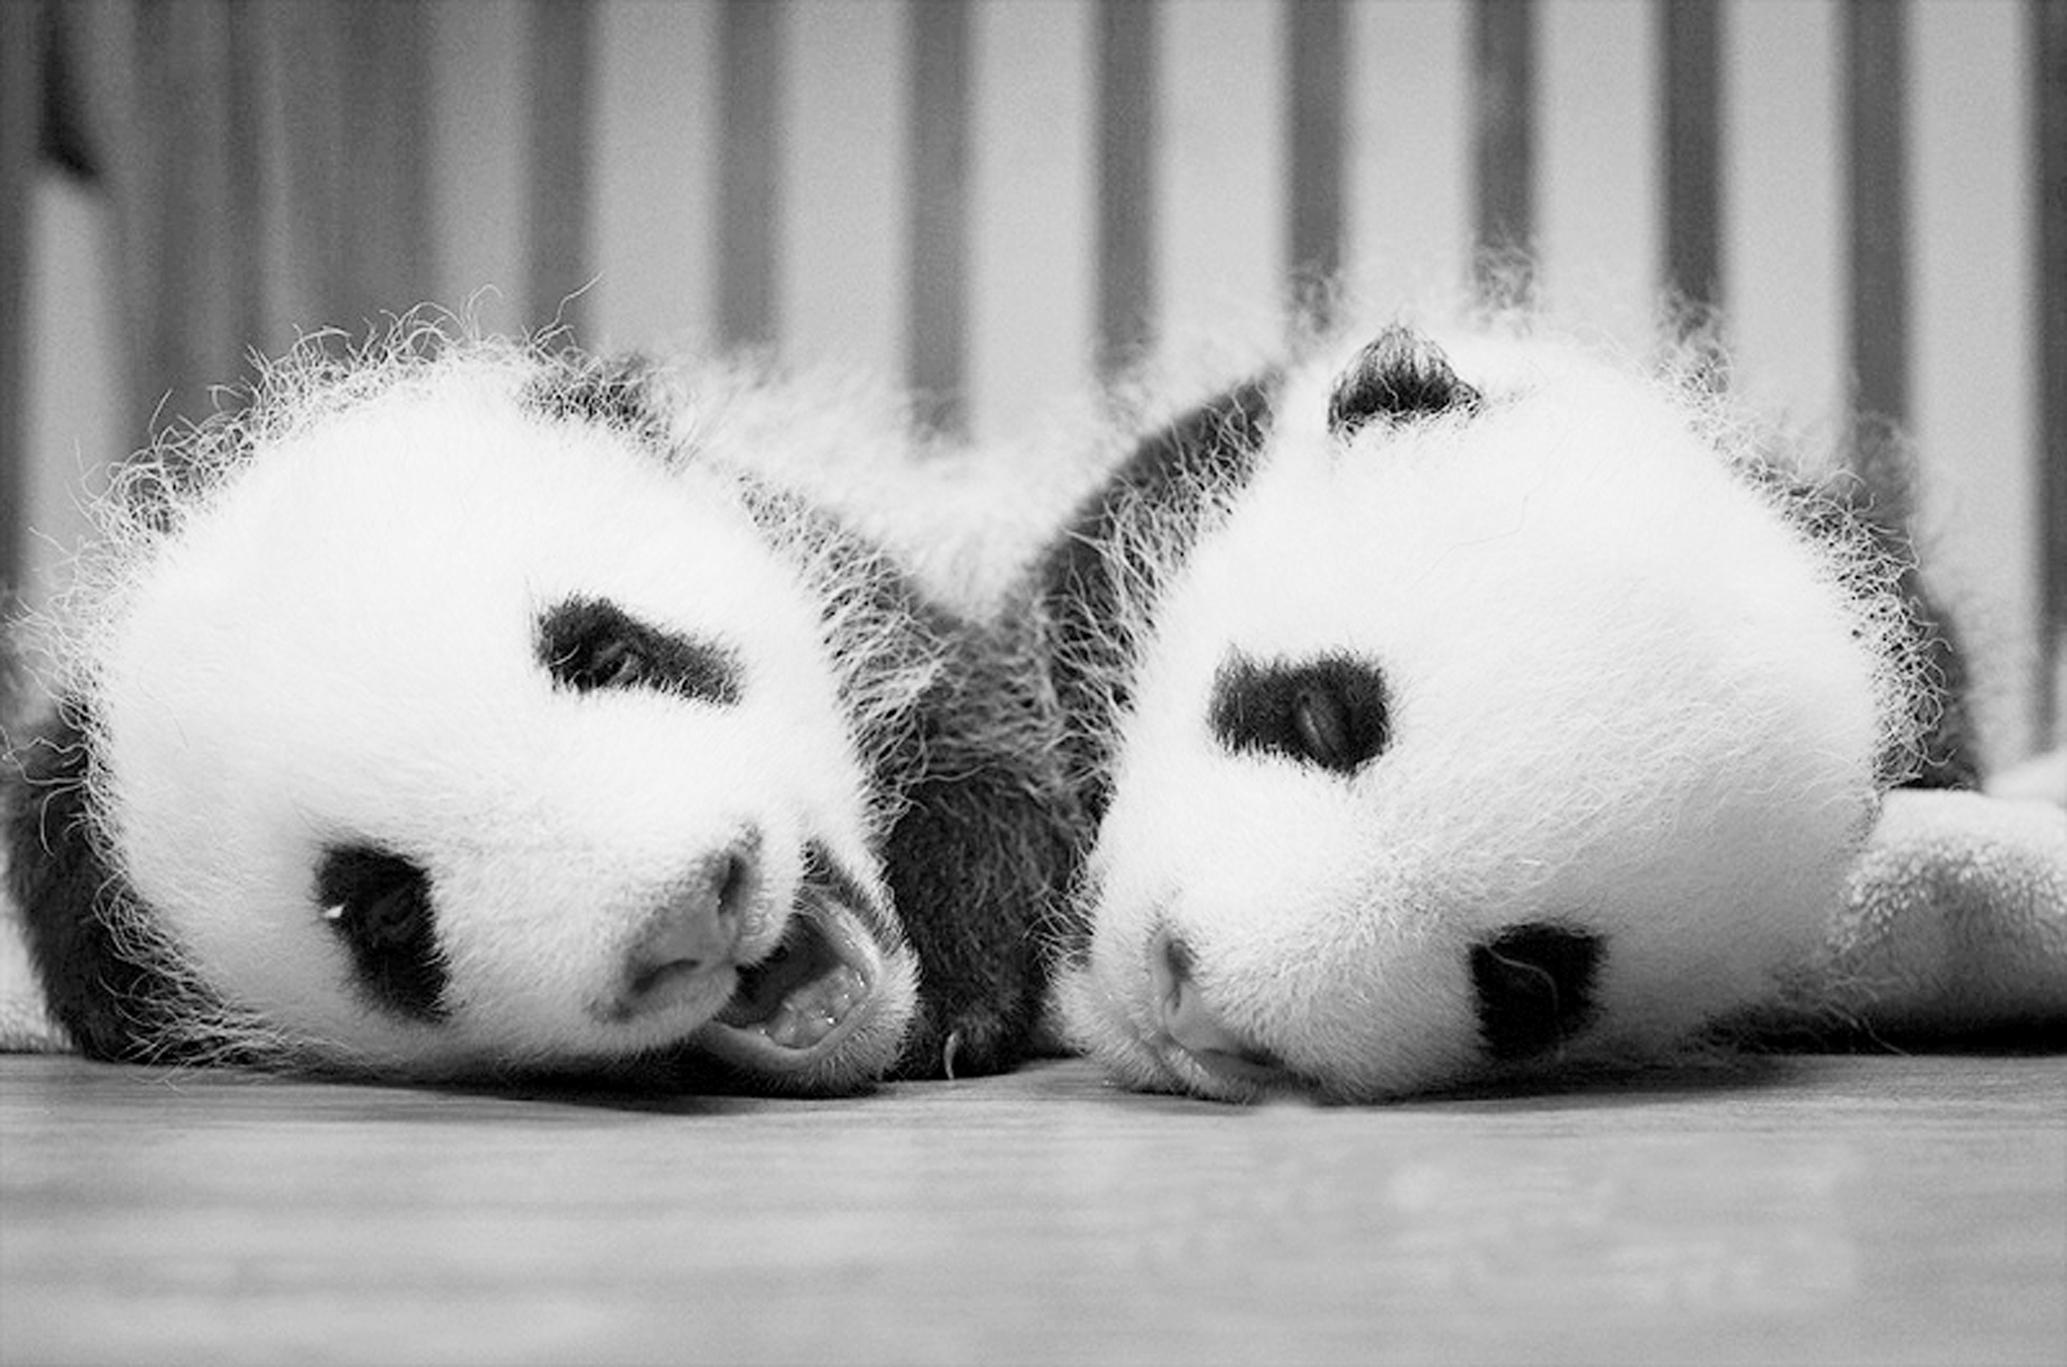 -->  让可爱的大熊猫拥有一个国际范儿的名字,或者让它们像人类一样有名有姓?12日起,成都大熊猫基地的大熊猫毛团团兄妹俩毛哥毛妹开始面向全球征名。为这对萌娃毛团团们起什么样的名字,一直都是熊猫粉丝们关心的话题。有些网友干脆提前给毛团团们取了一些幽默的名字,亲昵地戏称它们为:毛柔、毛顺,毛茸茸、毛哄哄,毛衣、毛裤等。目前,45日龄的兄妹俩都已睁开双眼感知这个世界。(新华)-->